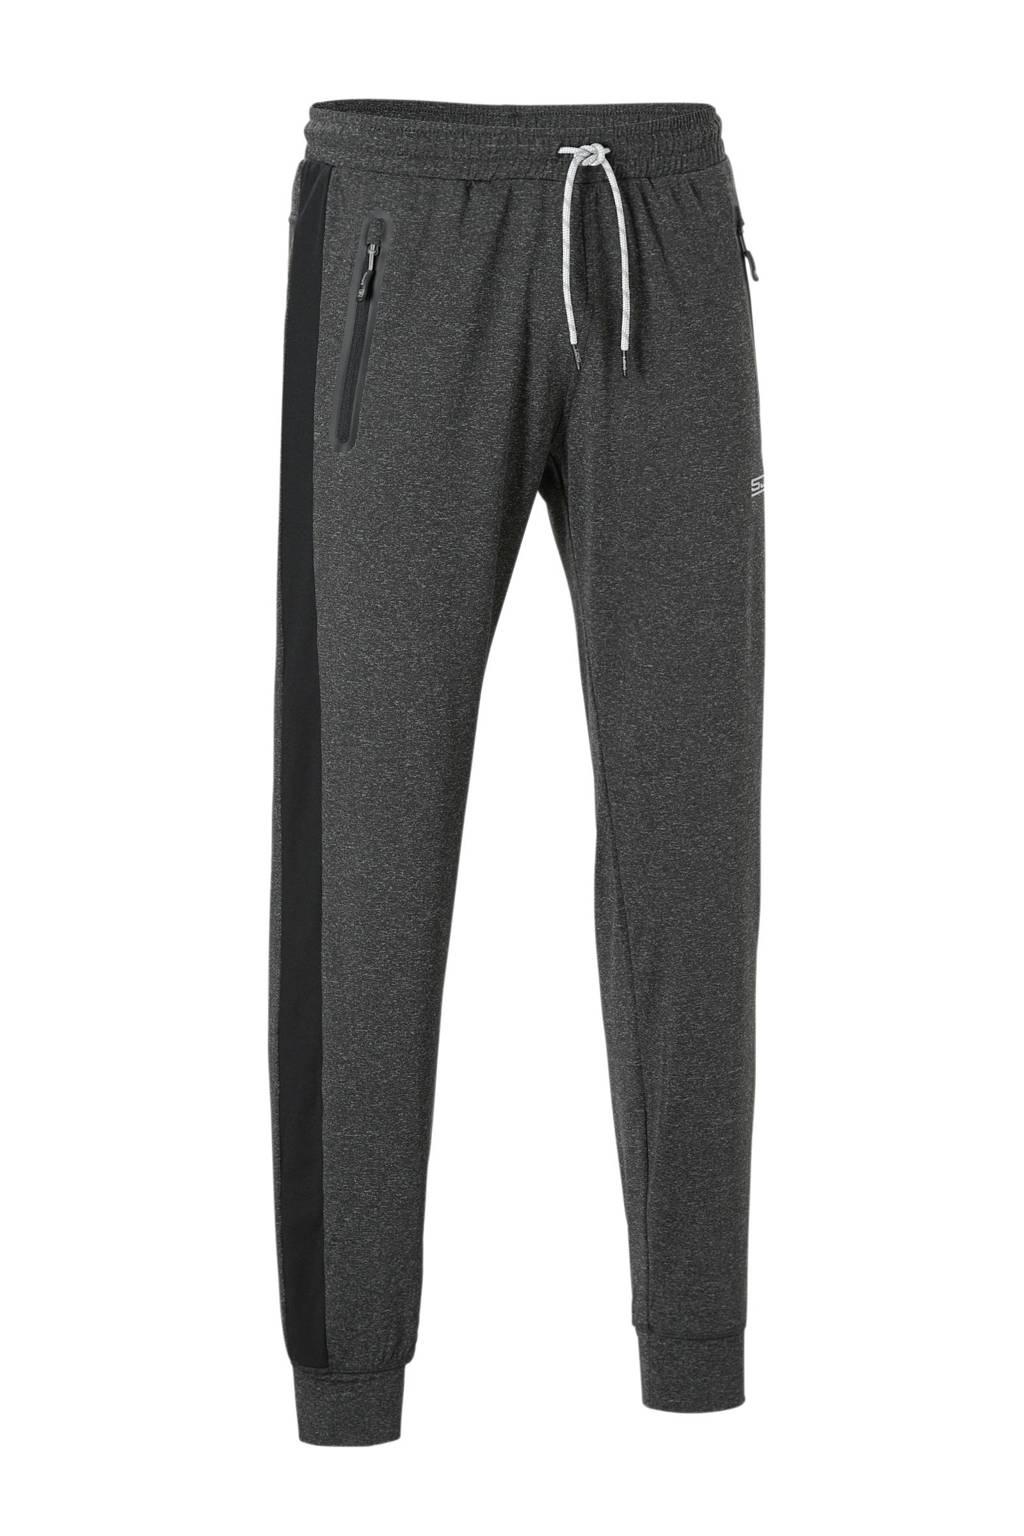 Sjeng Sports   broek, Antraciet/zwart